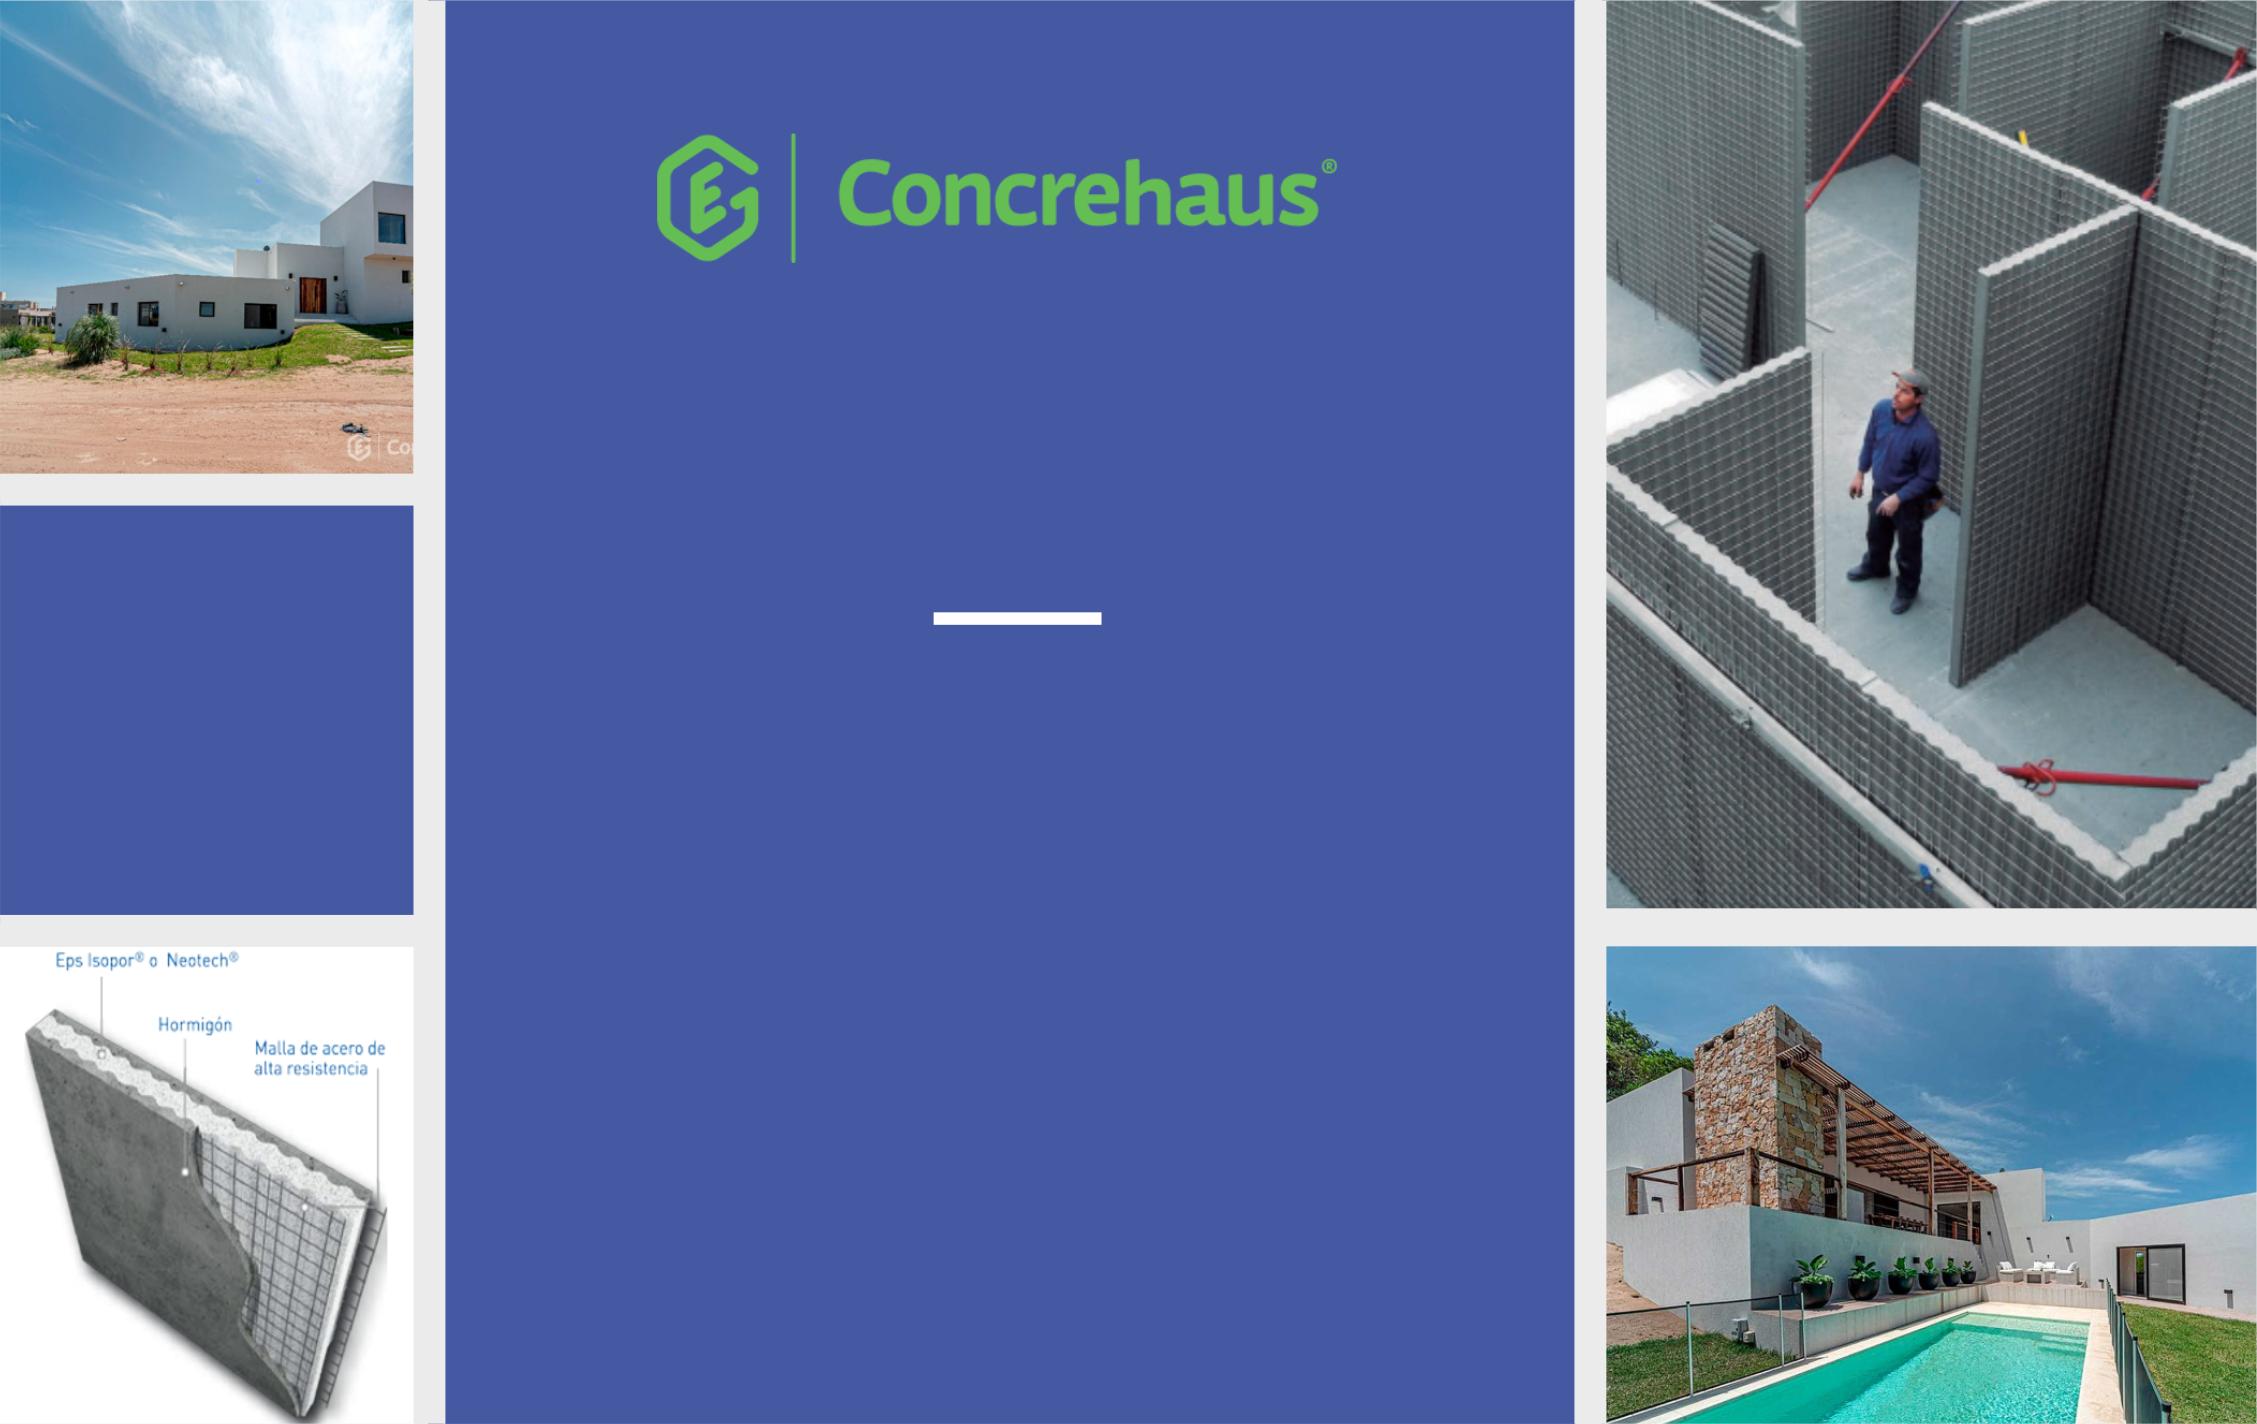 Concrehaus